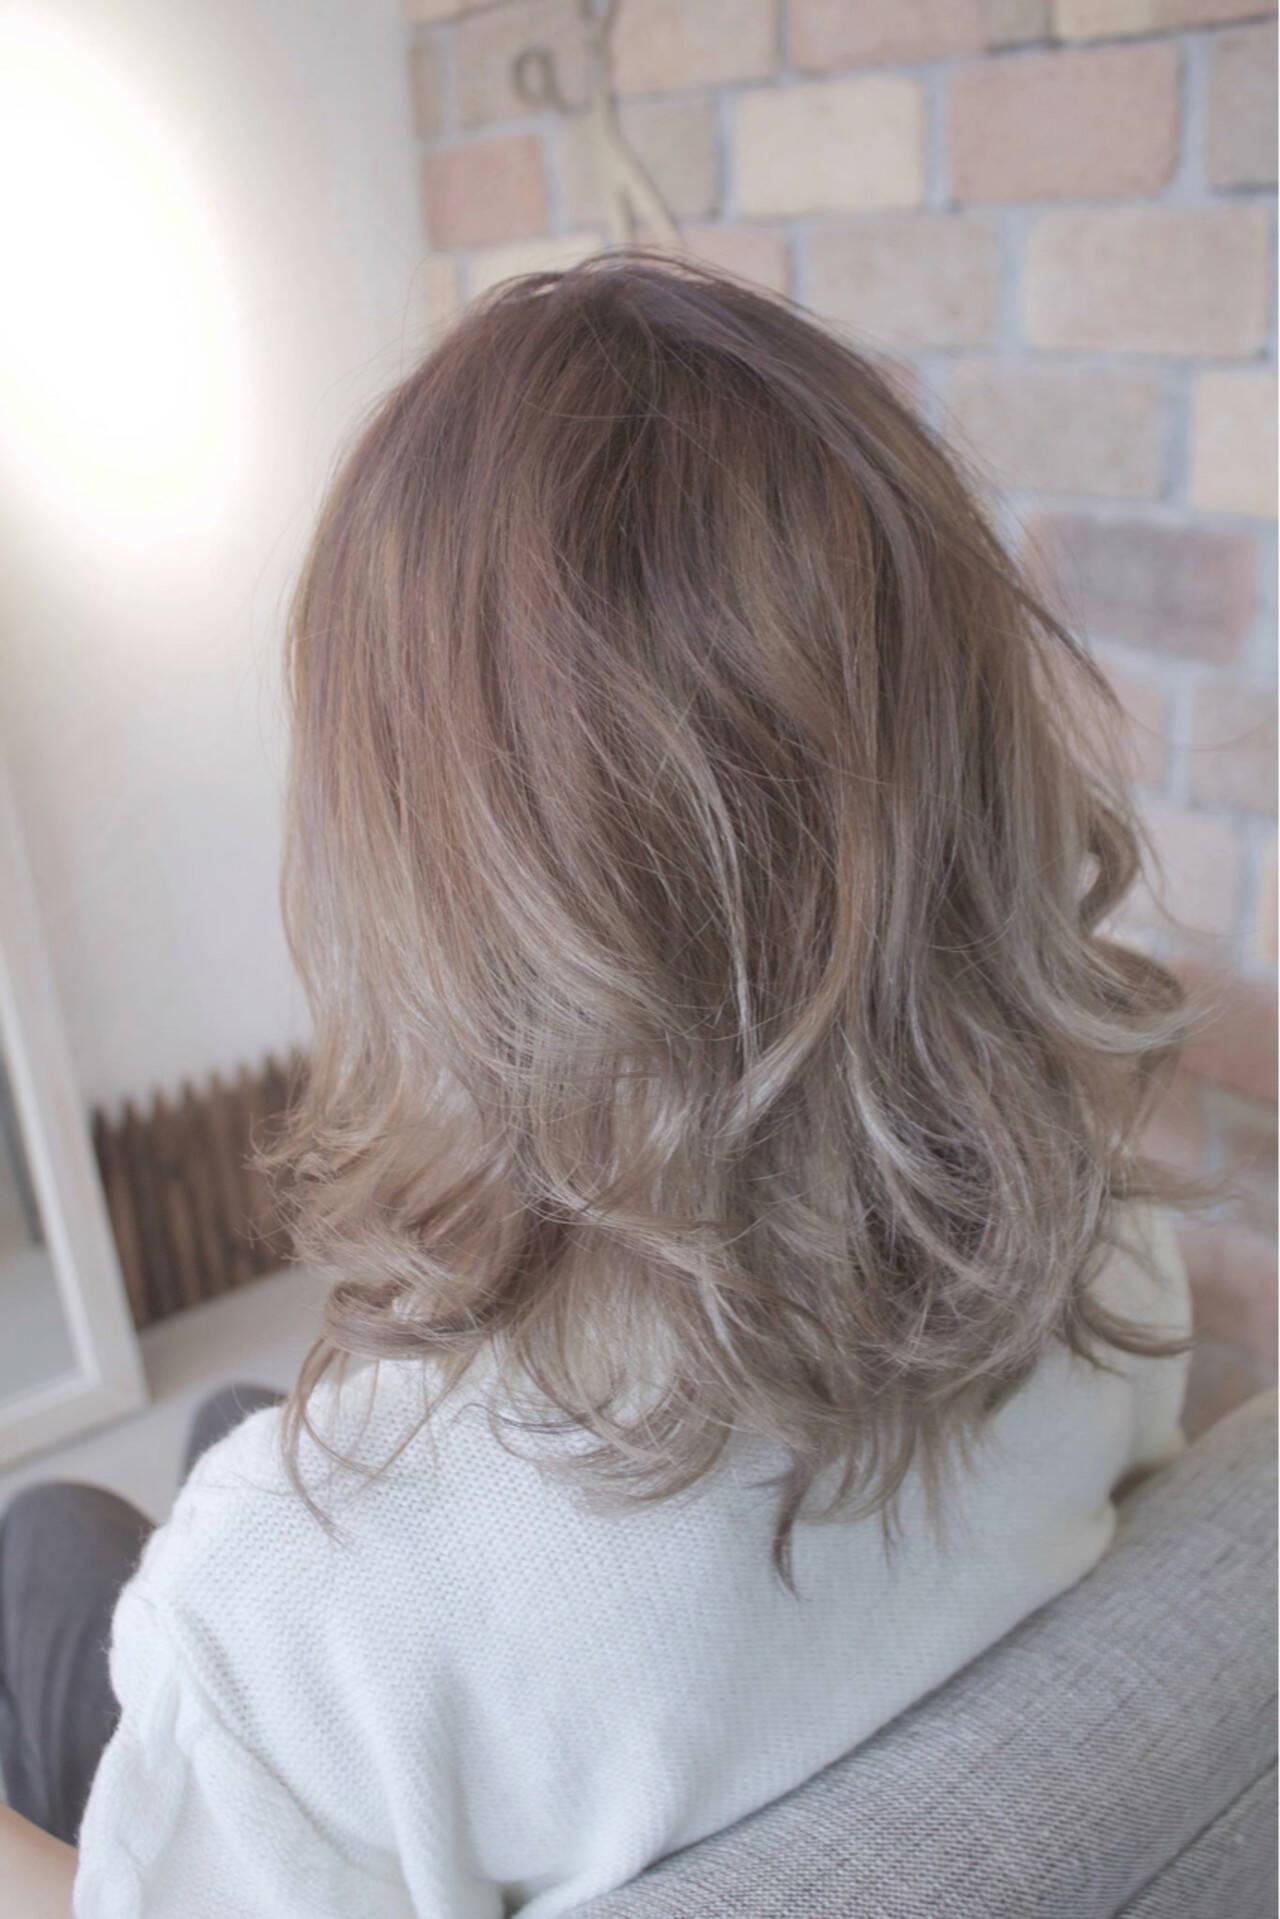 ミディアム アッシュ エレガント 上品ヘアスタイルや髪型の写真・画像